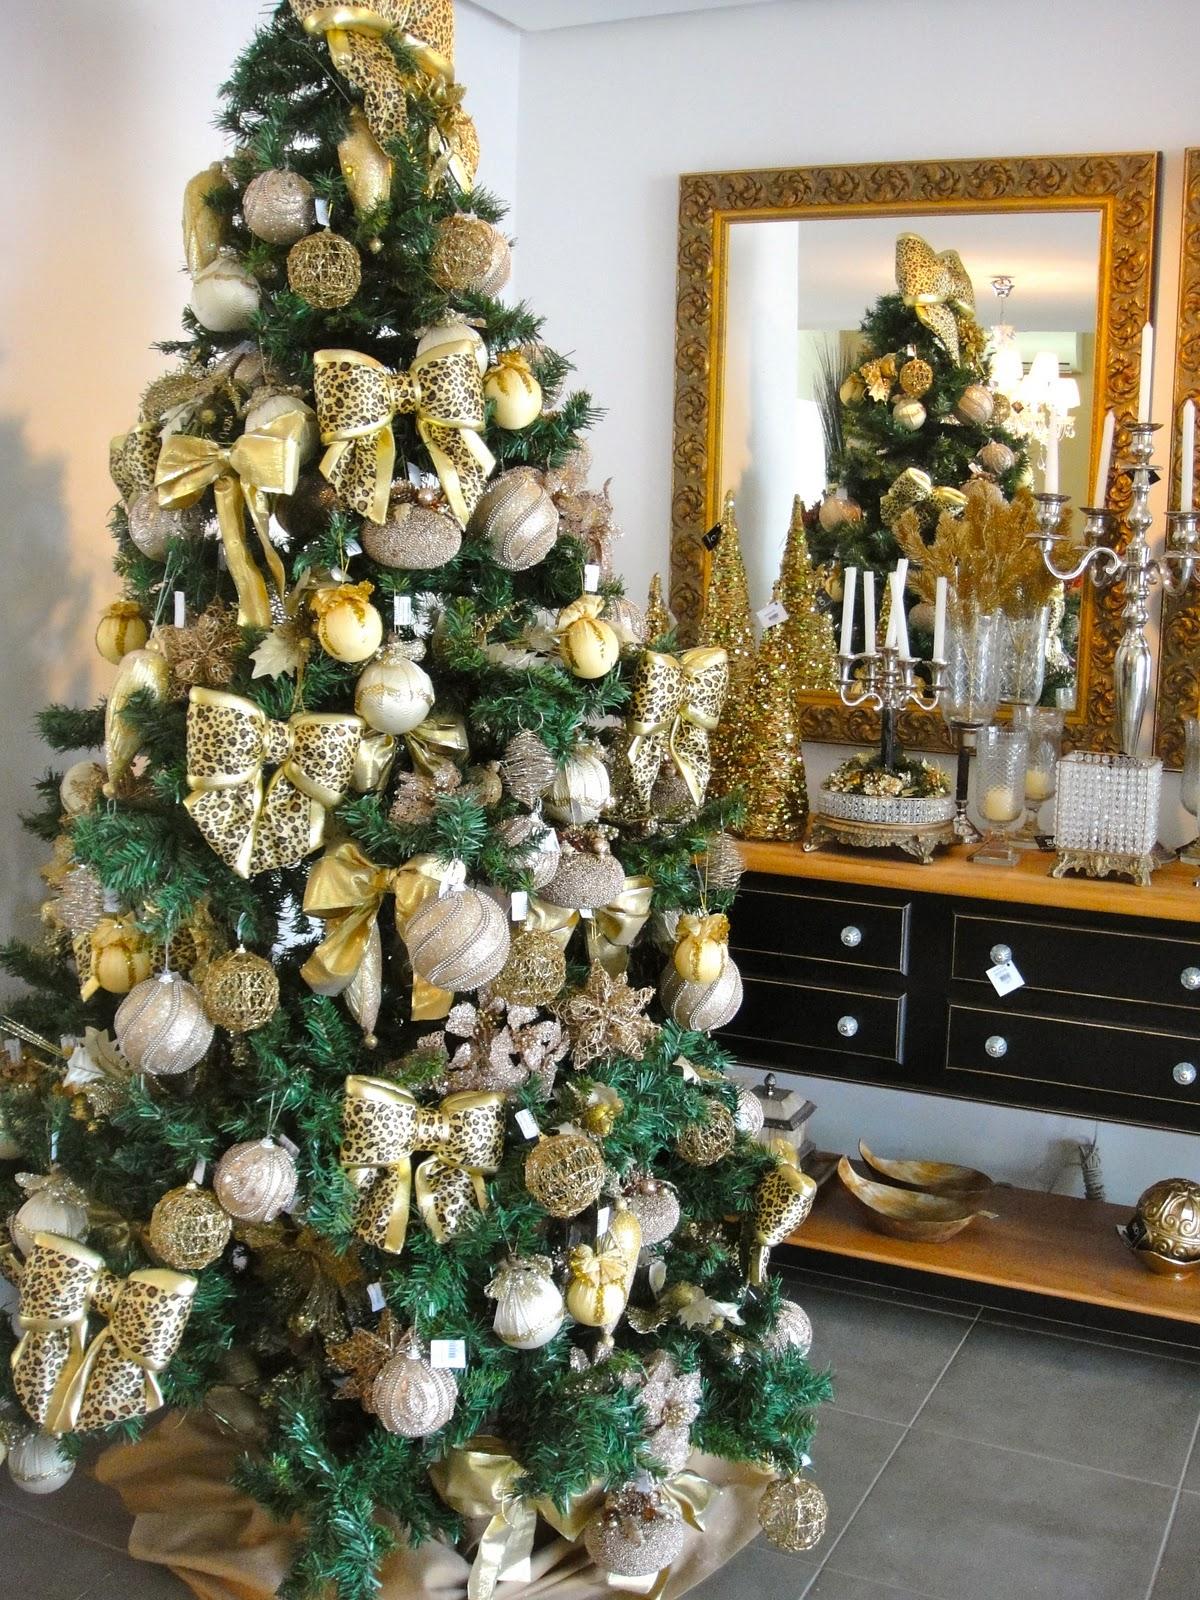 decoracao arvore de natal vermelha e dourada: opções, enfeites lindos, nos tons de dourado, vermelho e prata